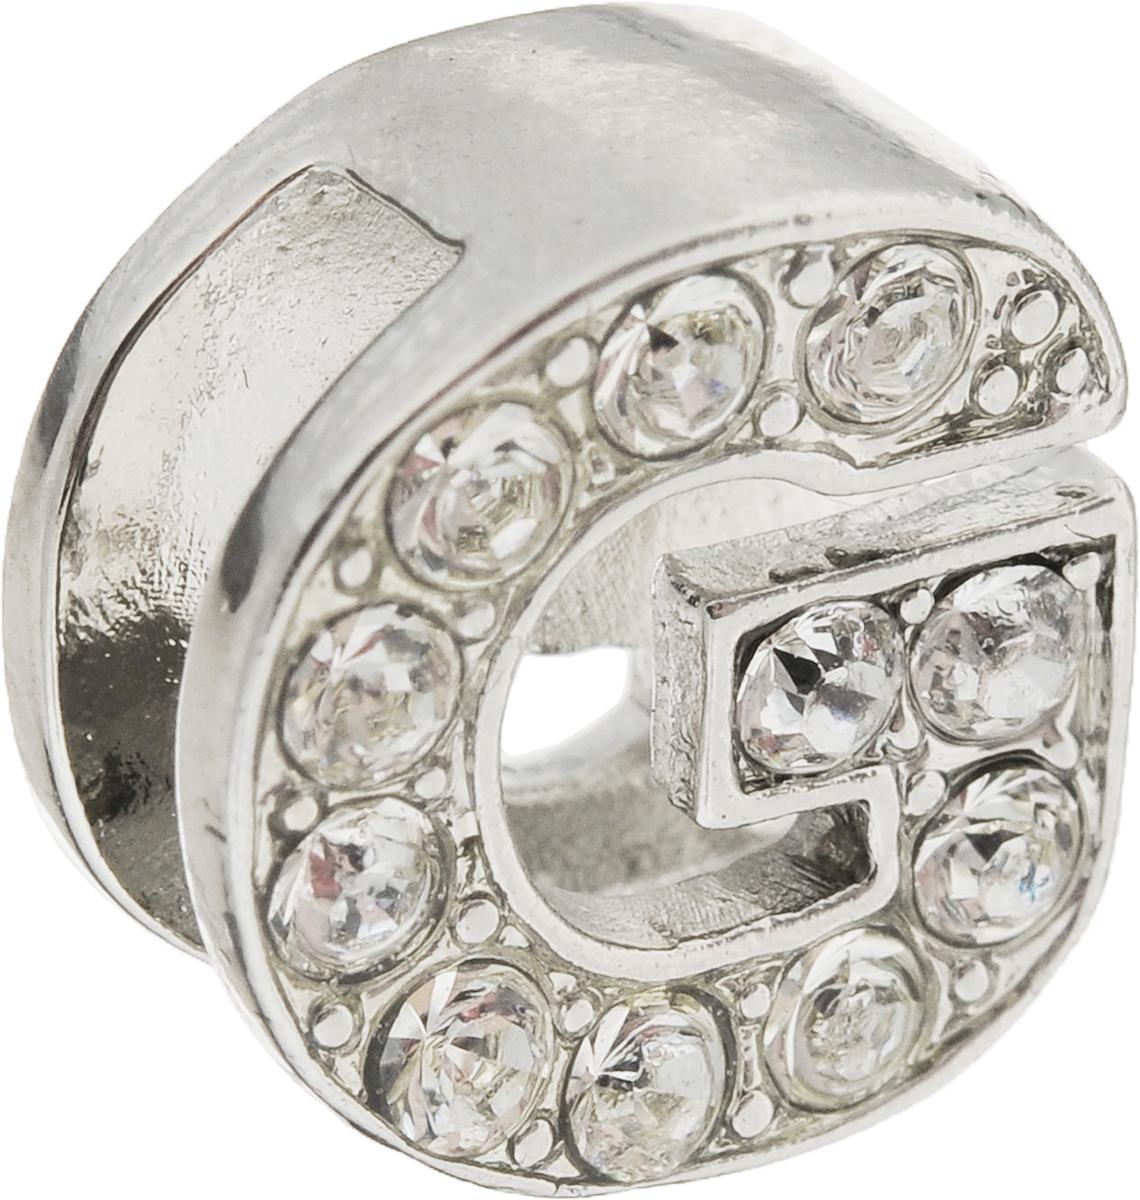 Украшение на ошейник Camon. DA110/GDA110/GCamon - оригинальное украшение на ошейник в виде буквы. Украшение изготовлено из металла и украшено стразами.Украшение на ошейник Camon поможет вам подчеркнуть индивидуальность вашего питомца.Размеры: 1,2 х 1,2 х 0,5 см.